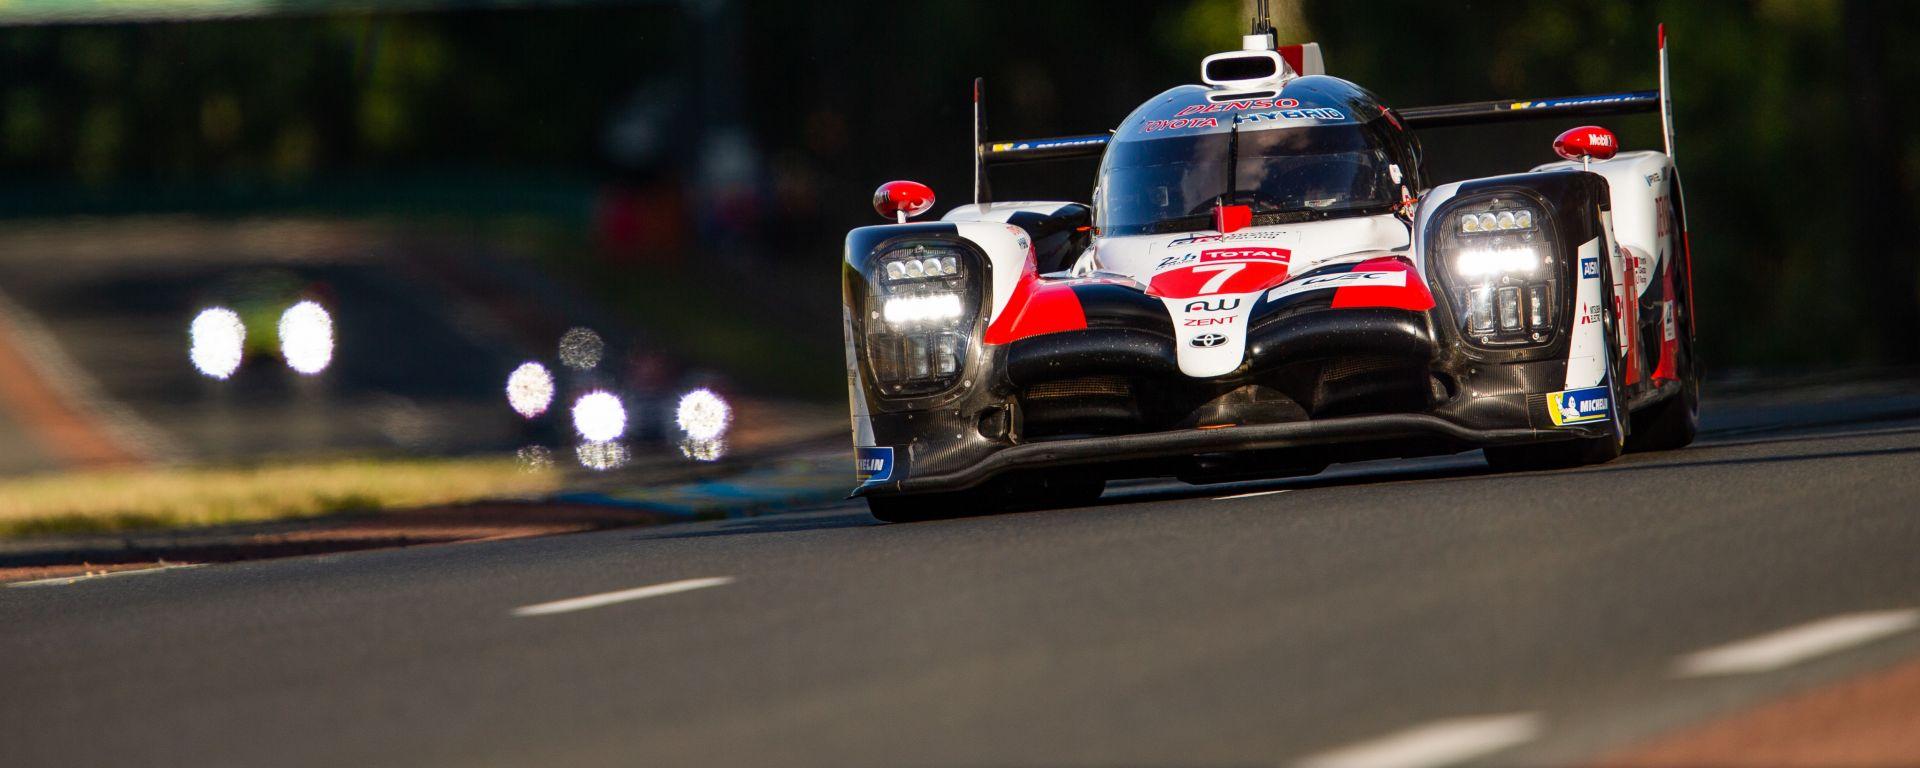 Qualifiche 24 Ore Le Mans, Toyota fa doppietta ma Alonso è 2°